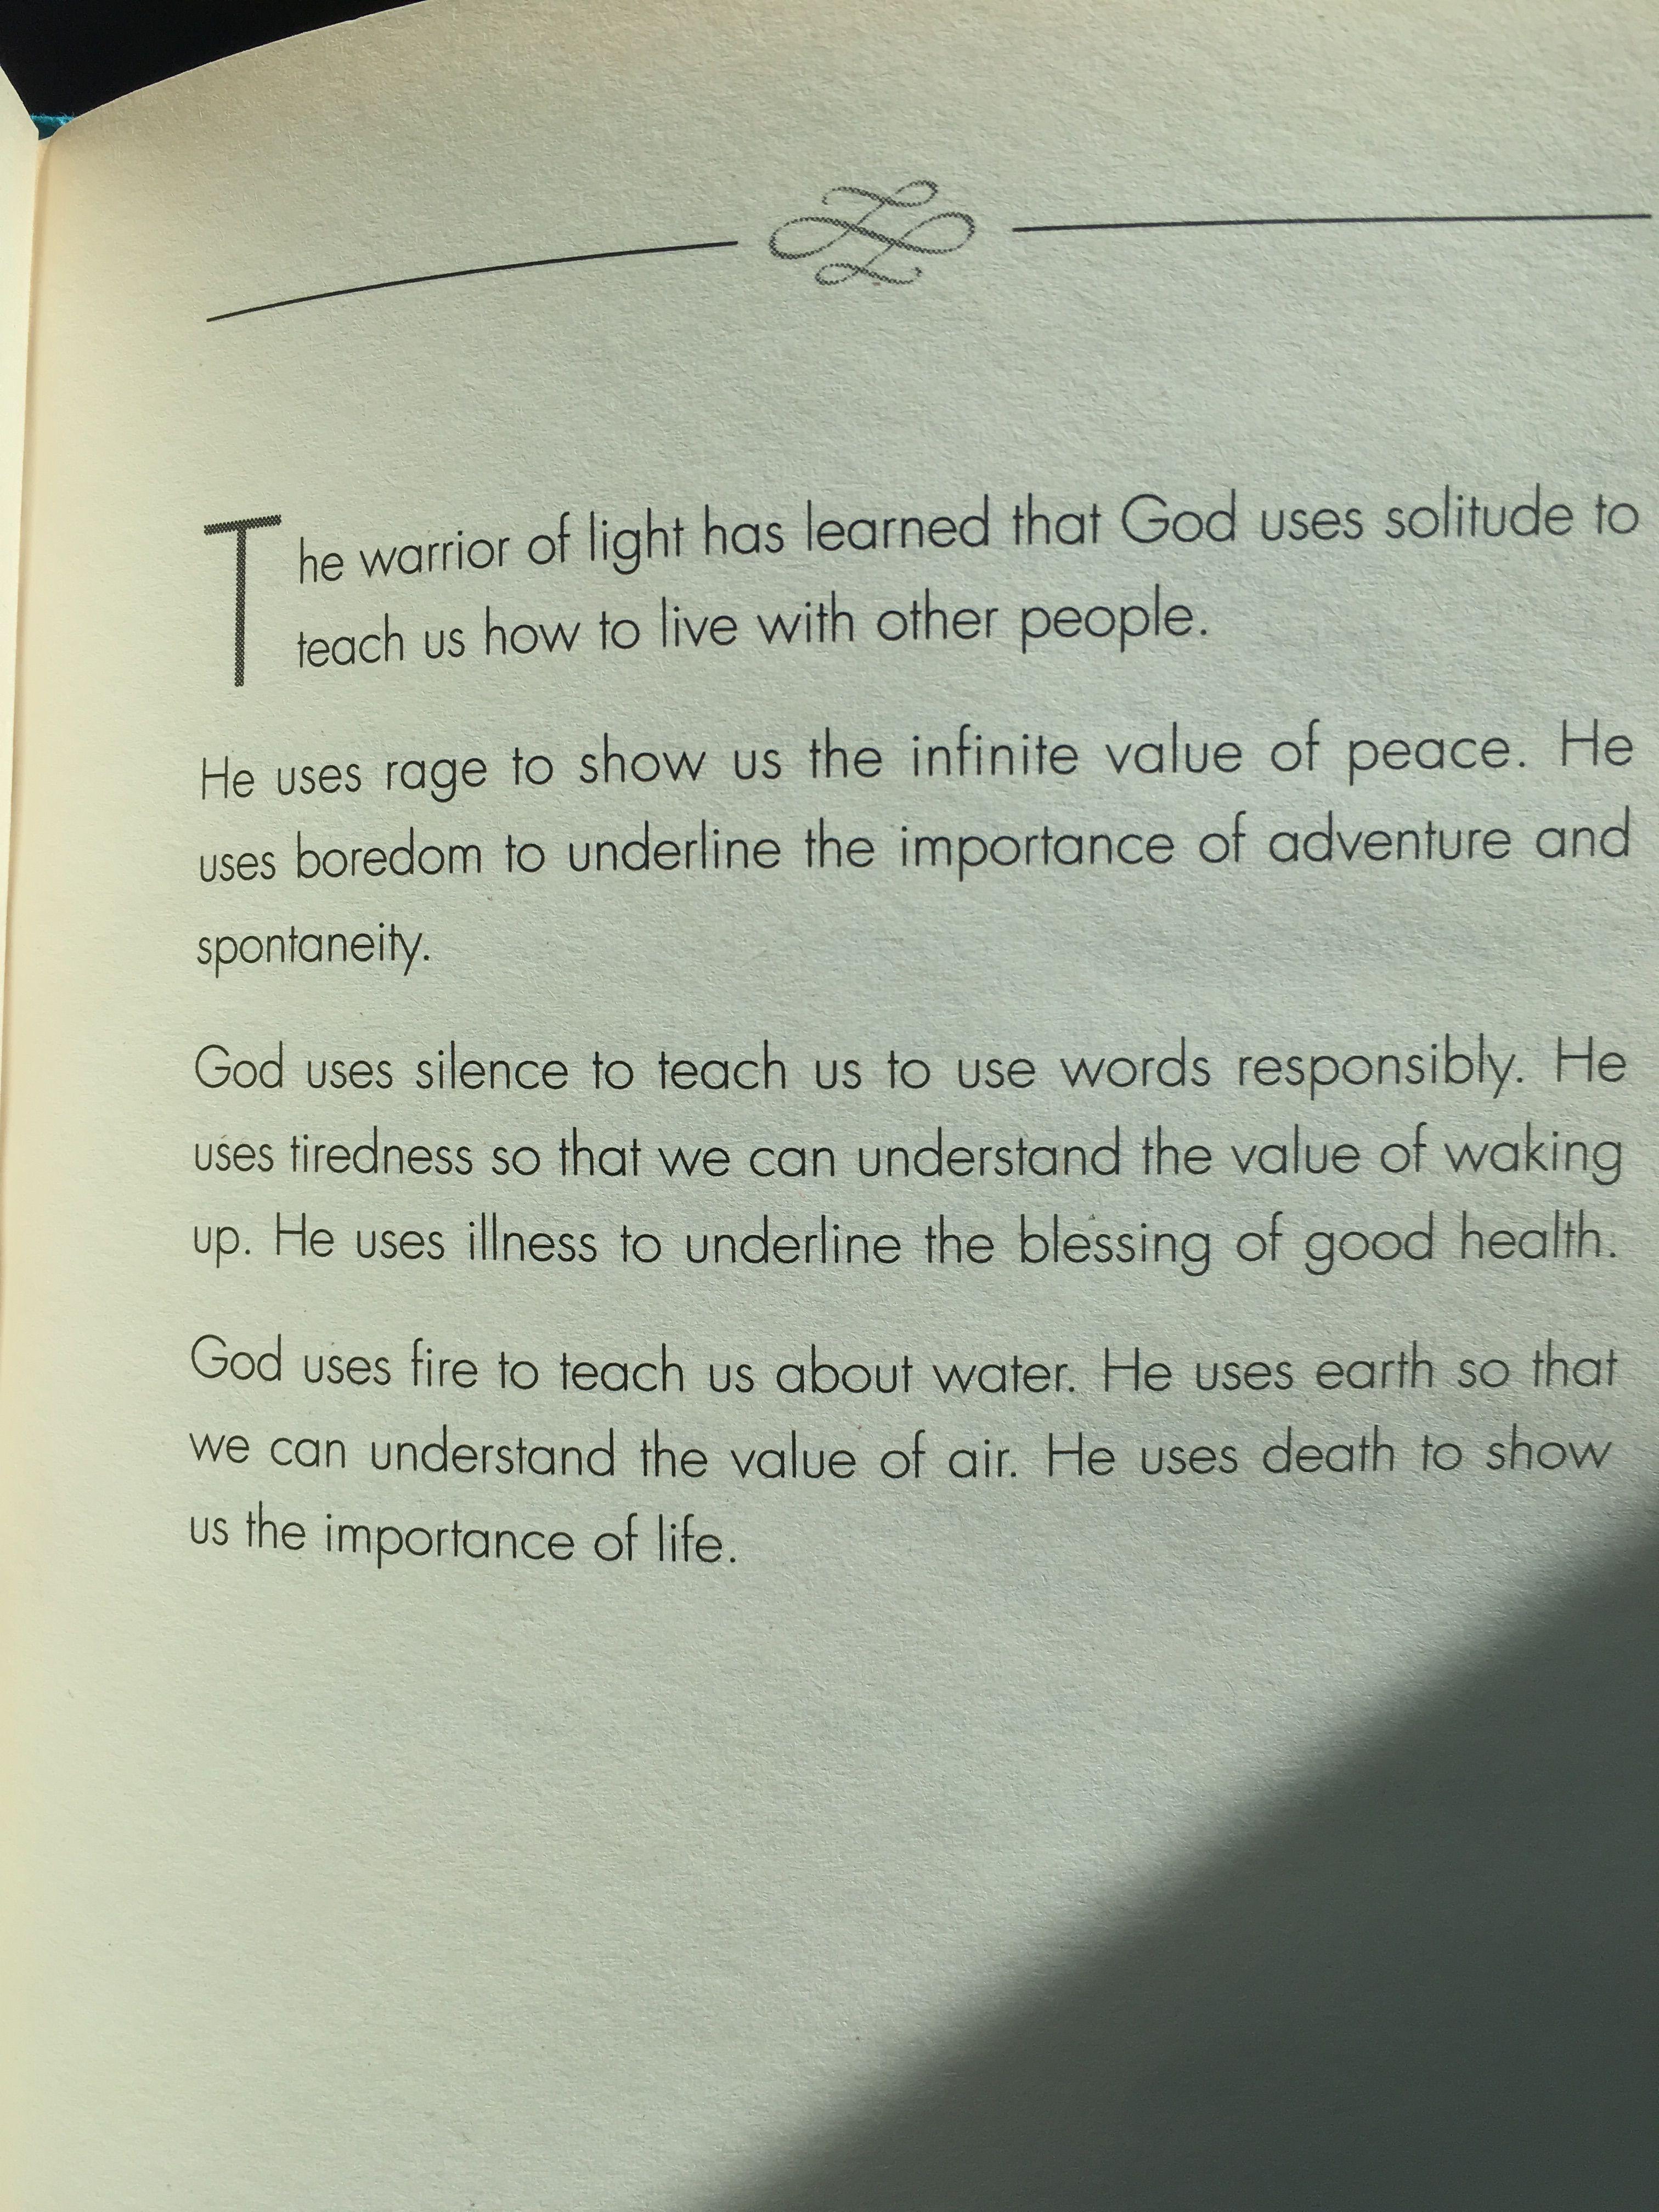 Manual Of The Warrior Of Light By Paulo Coelho Idea